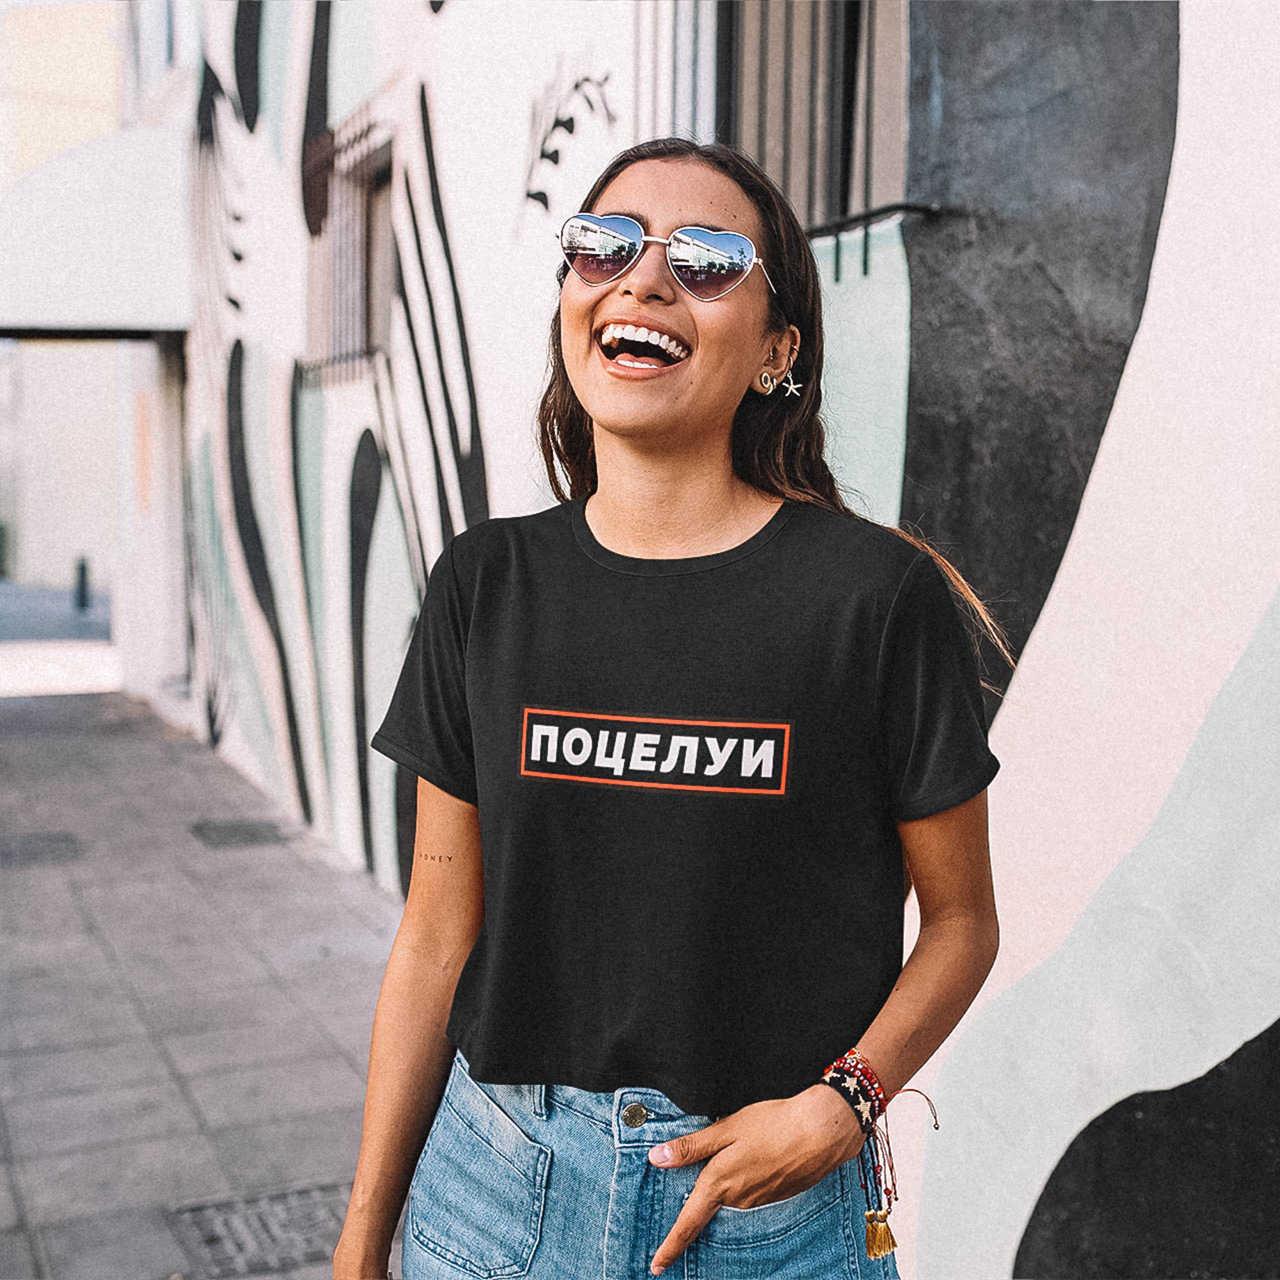 Femmina nera T-Shirt Magliette Con Russo Iscrizioni BACIO 100% Maglietta del Cotone Per Le Donne Pantaloni A Vita Bassa Freddo Graphic Tee Shirt